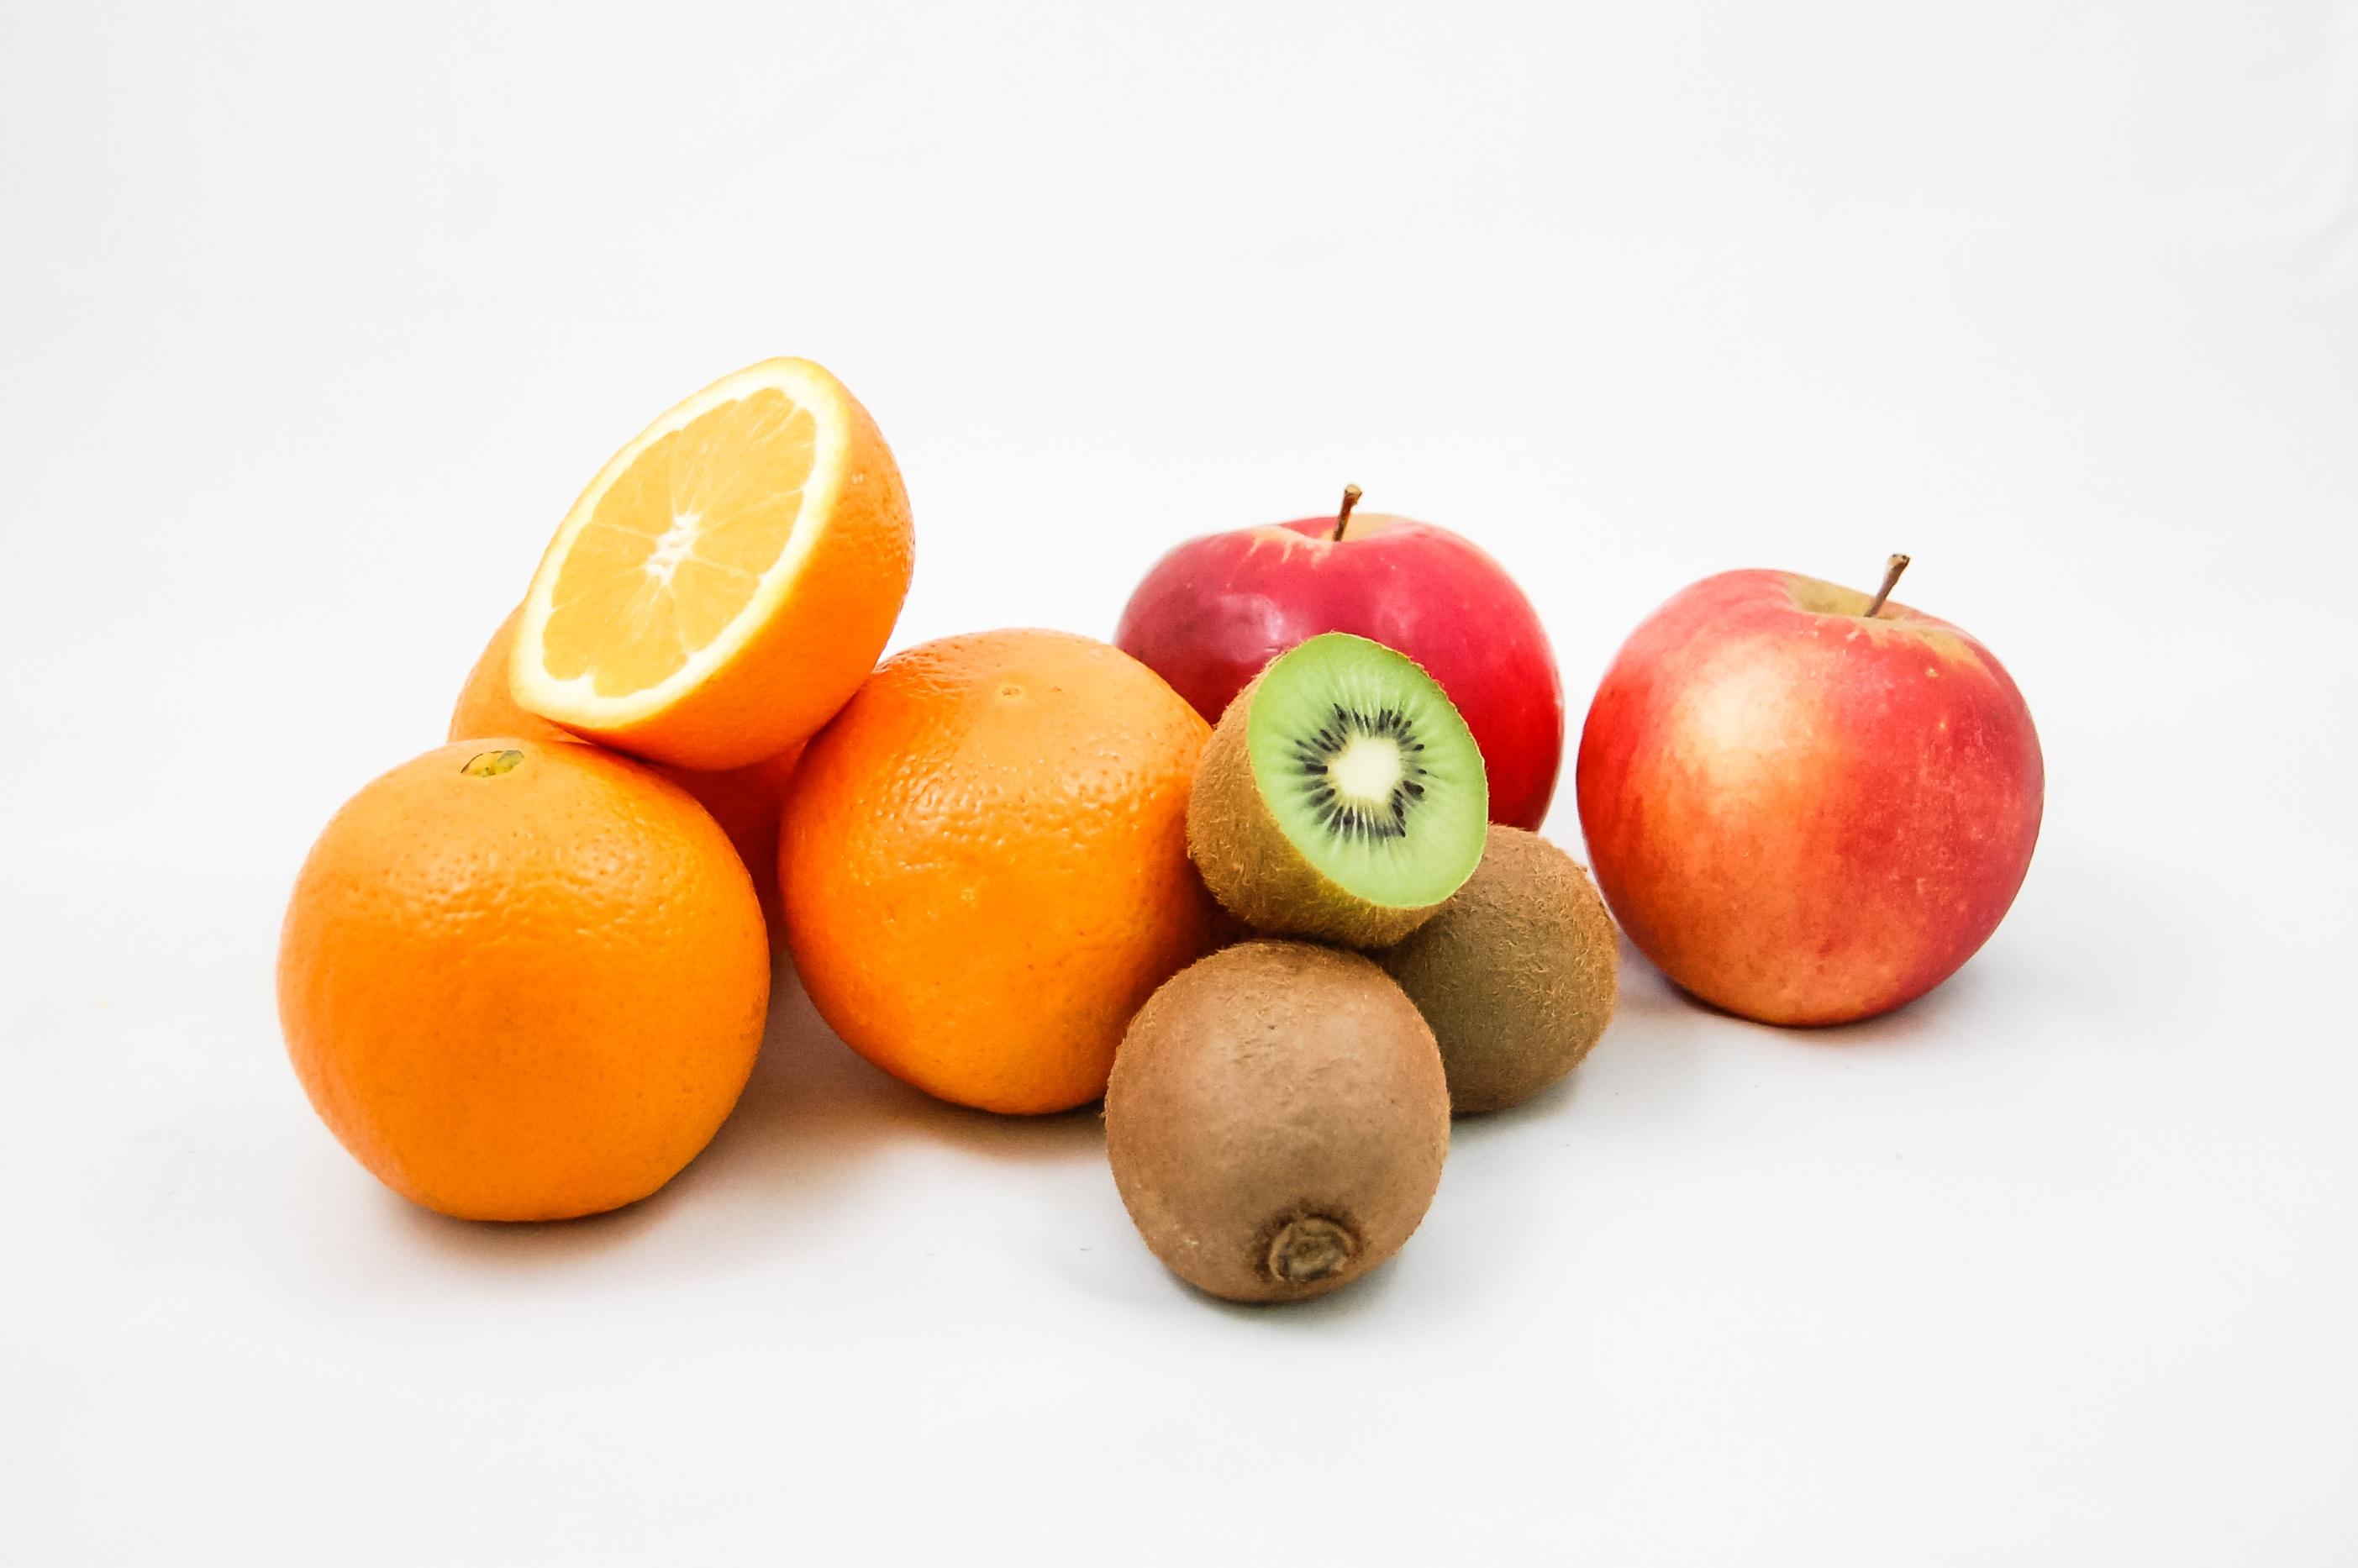 ¡Larga vida a las frutas!